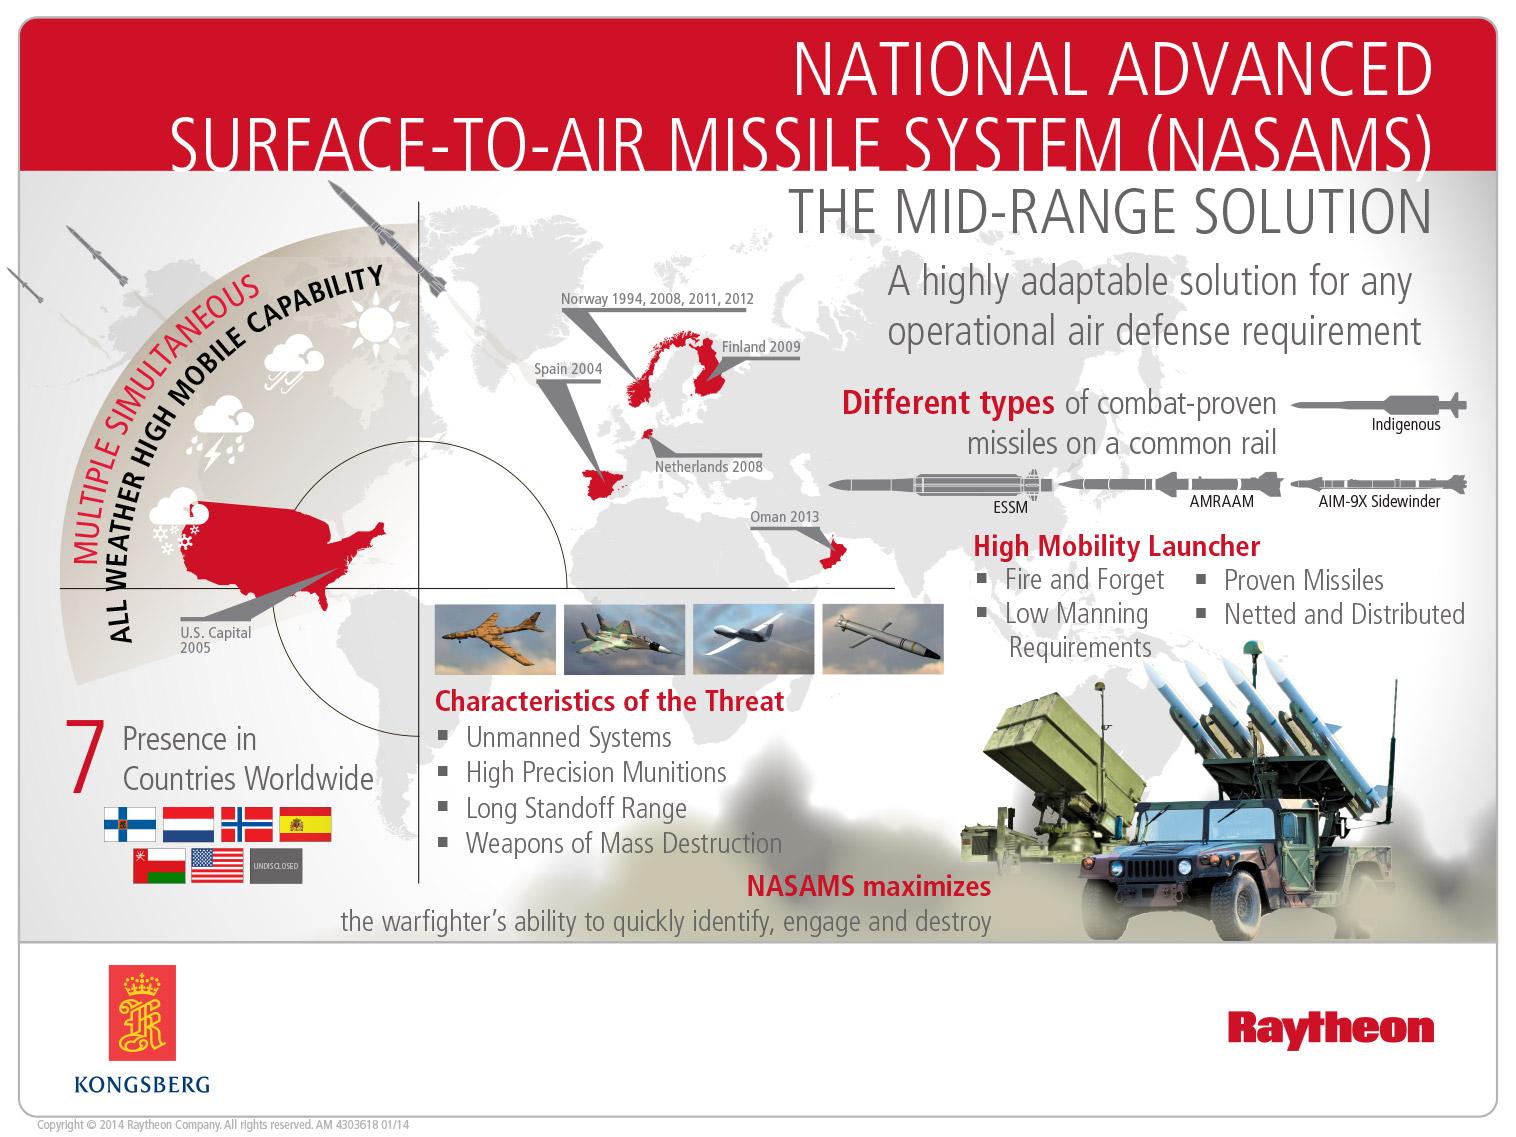 المجر تتعاقد لشراء نظام الدفاع الجوي NASAMS Qatar-requests-sale-of-raytheon-nasams-air-defense-system-1